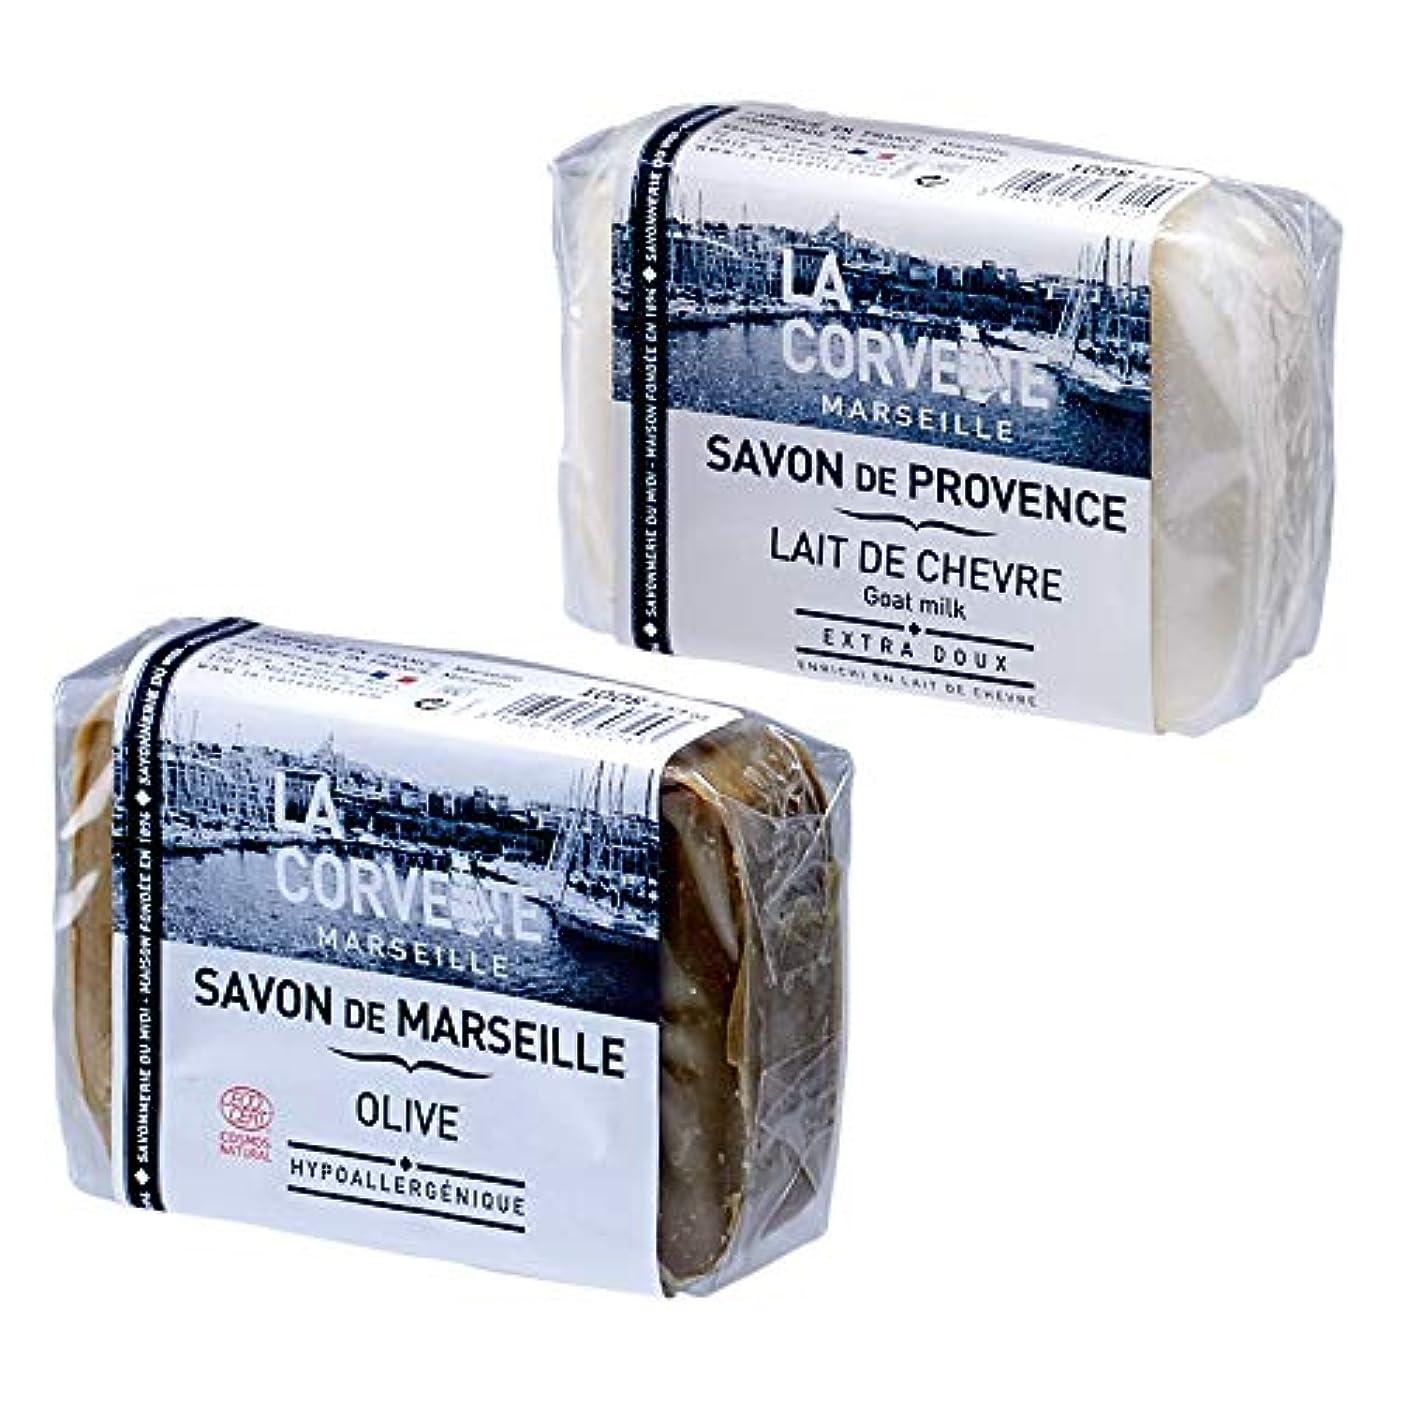 夕食を作る検出罪悪感フランスお土産 マルセイユ石けん 2種セット オリーブ&ゴートミルク 2種セット